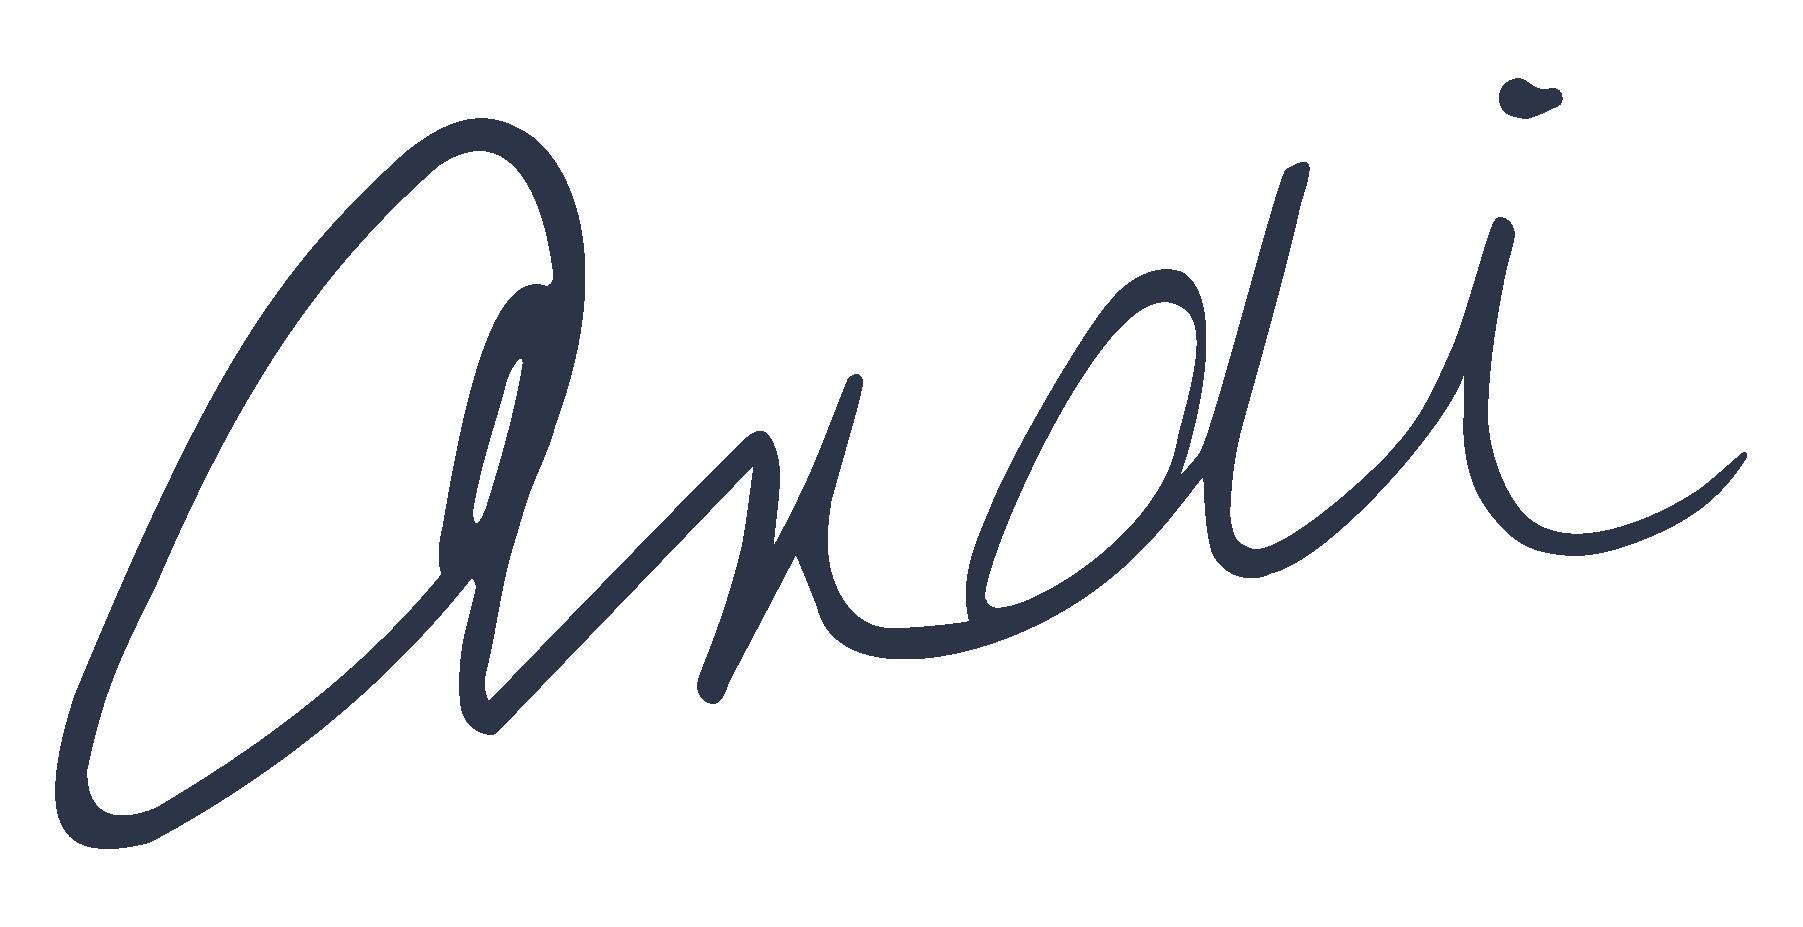 Andi-Signature-01.png